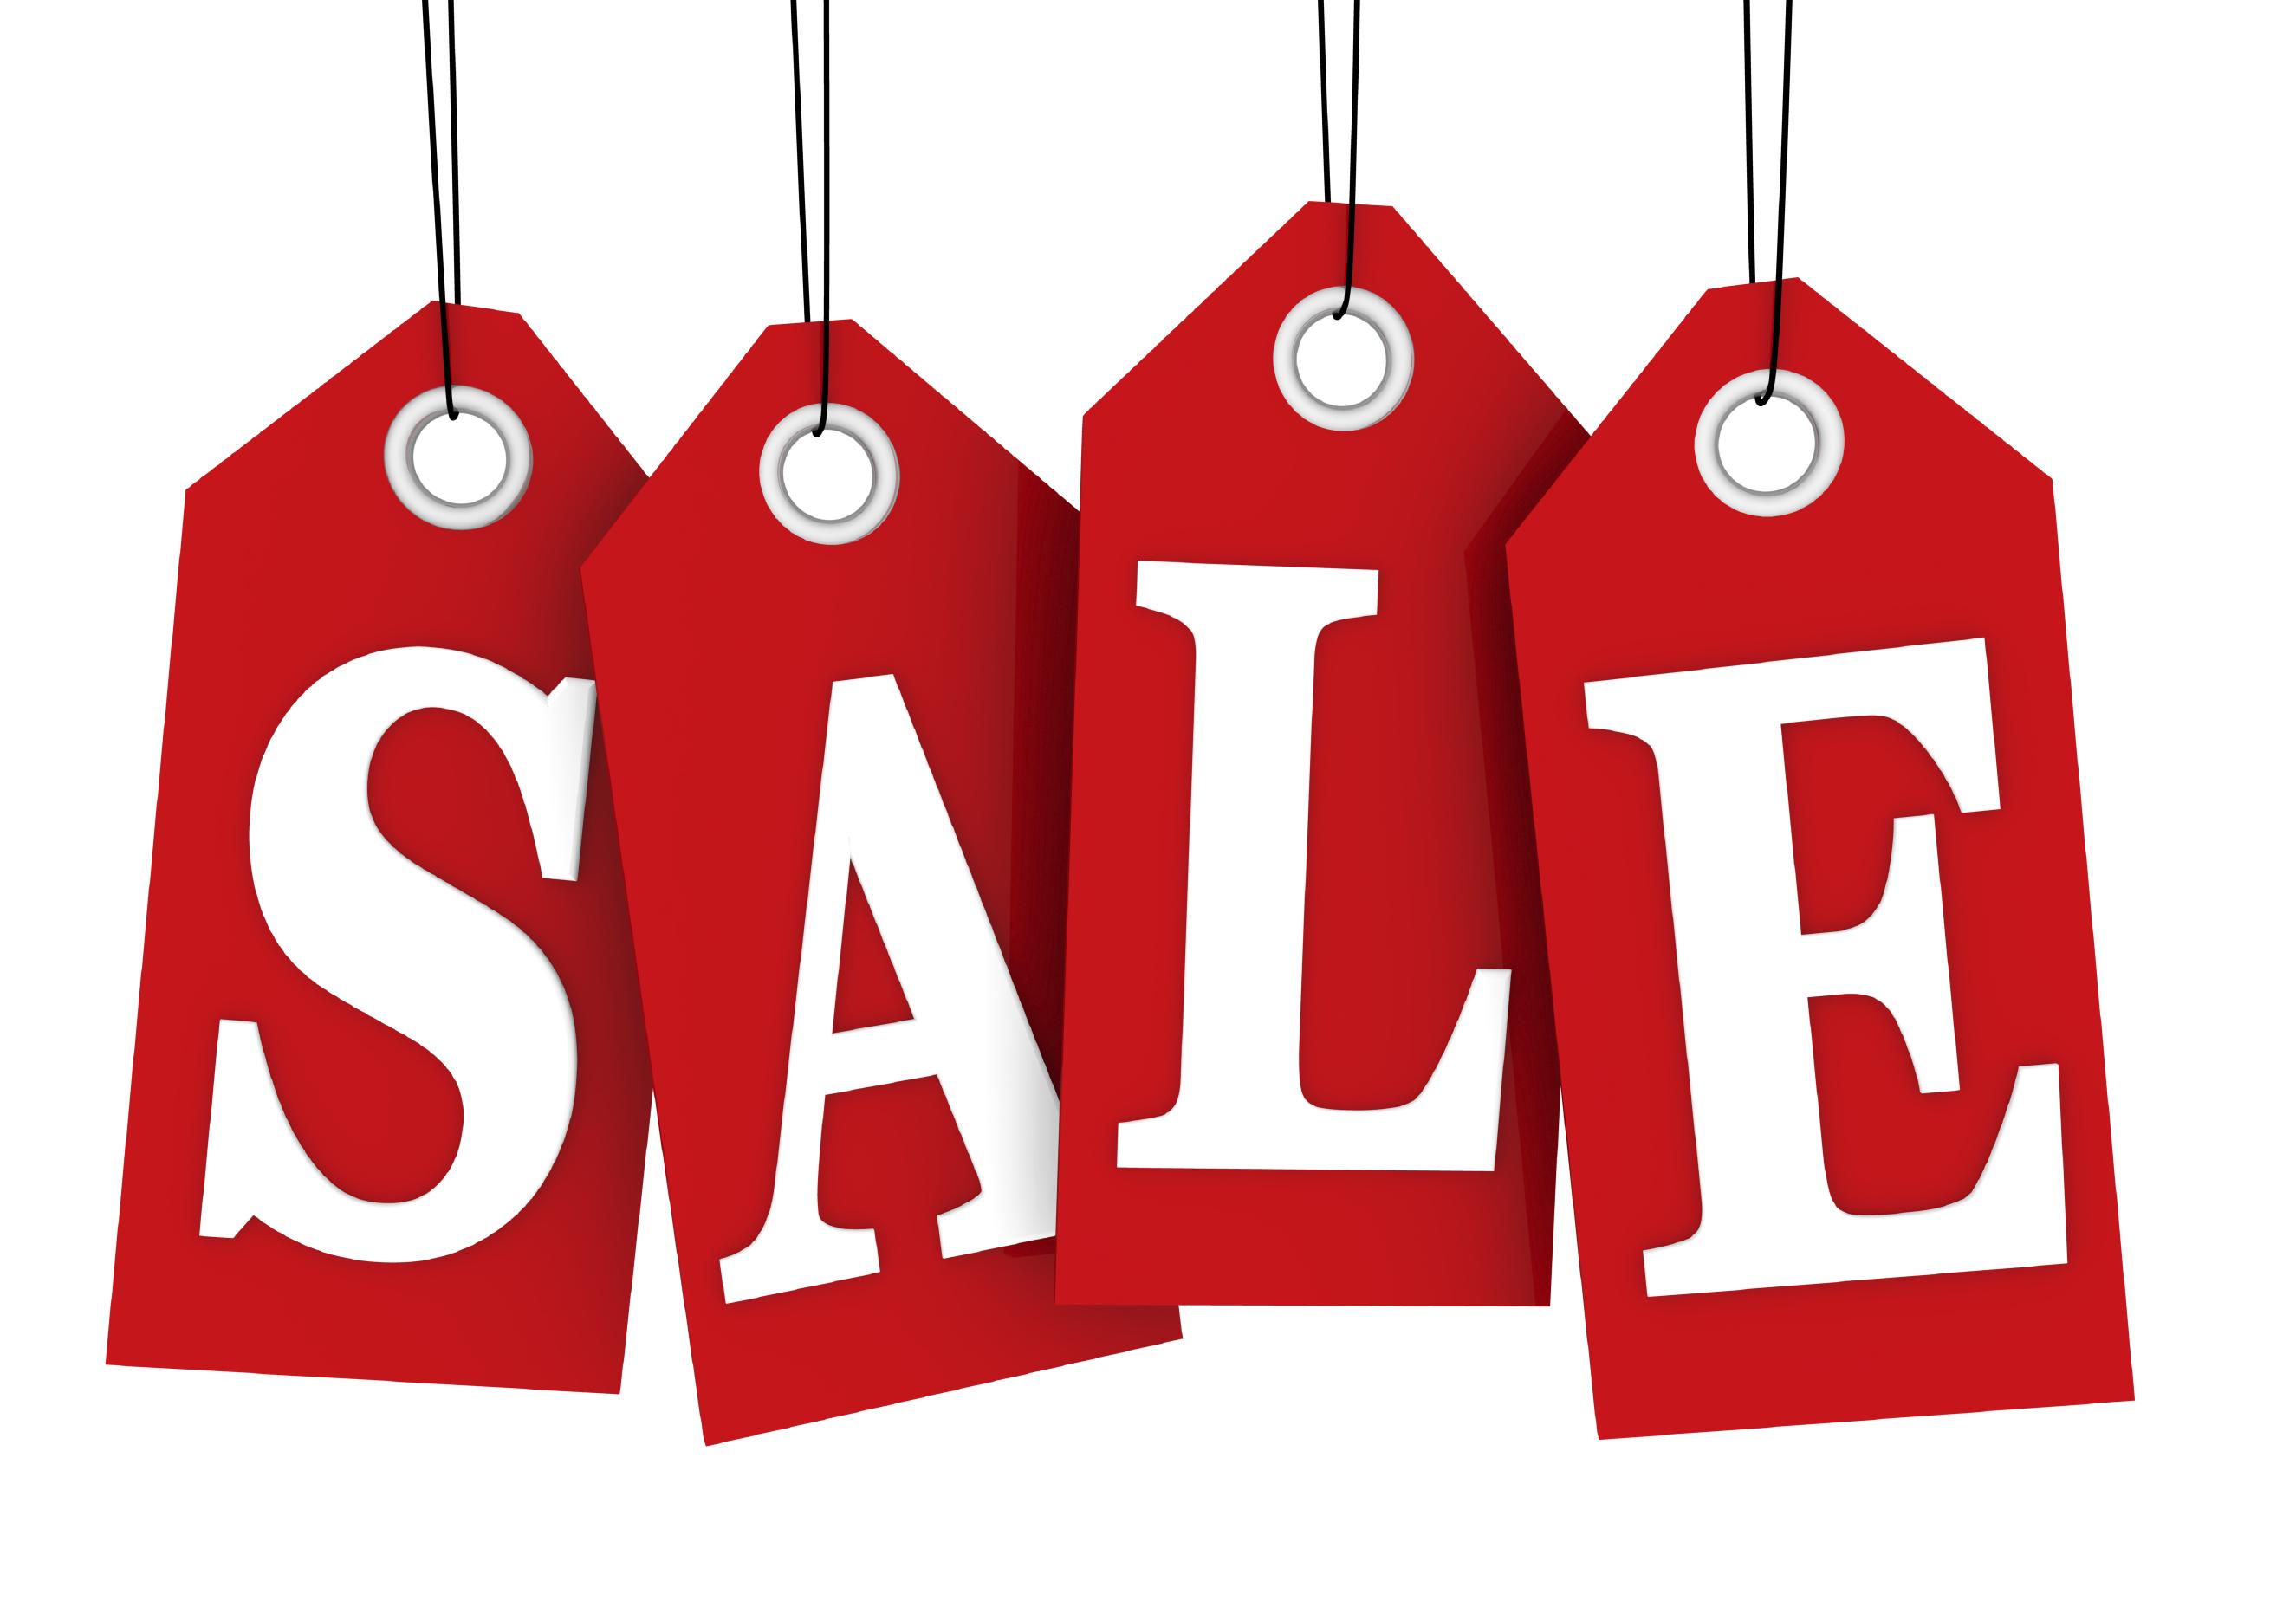 Yard sale for sale clipart im - Sale Clip Art